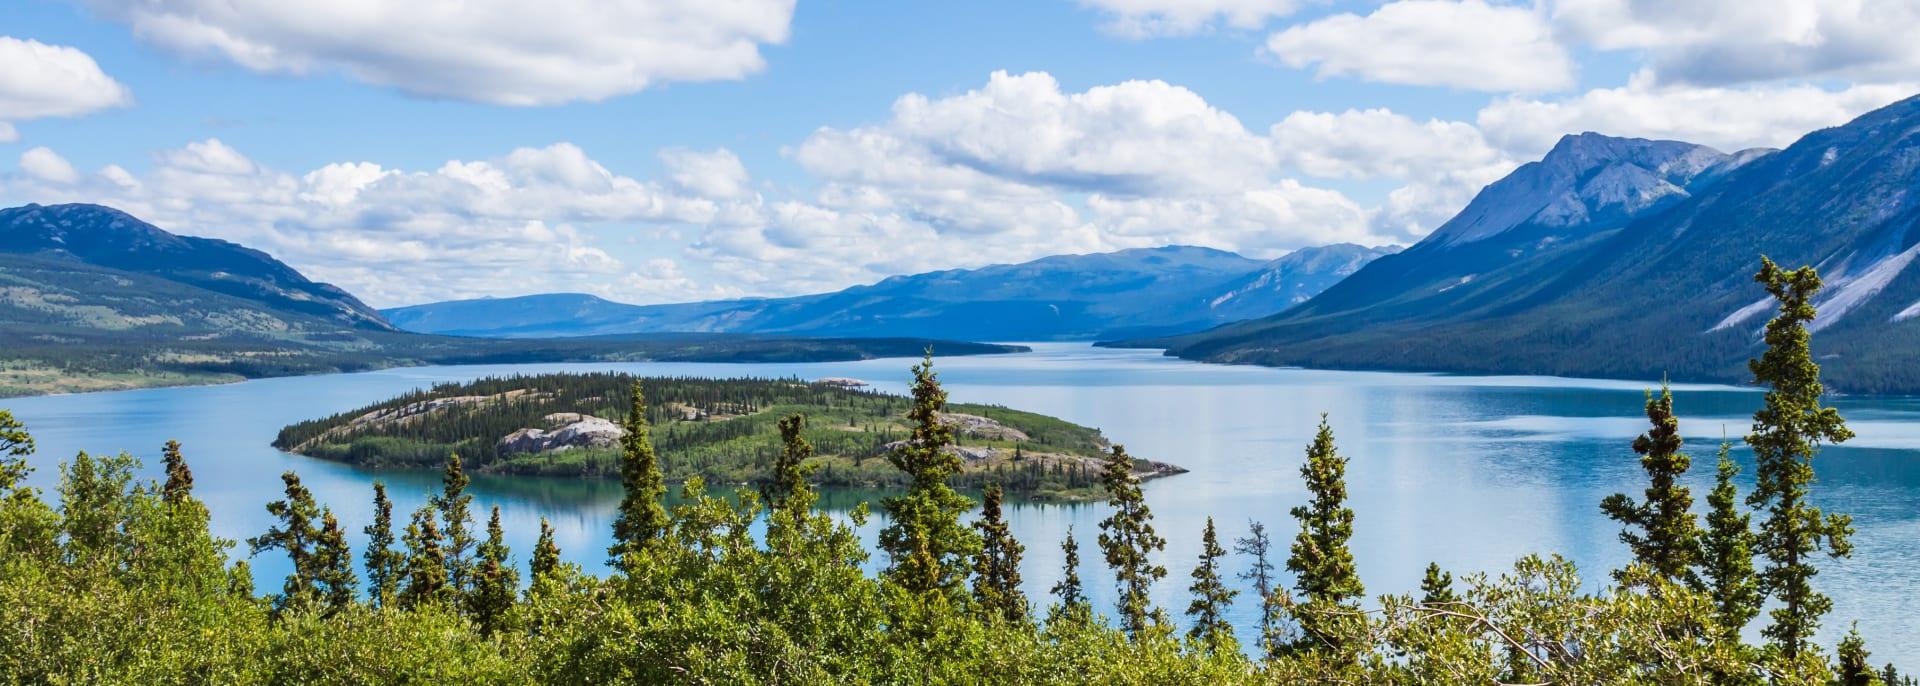 Tagish Lake, Alaska